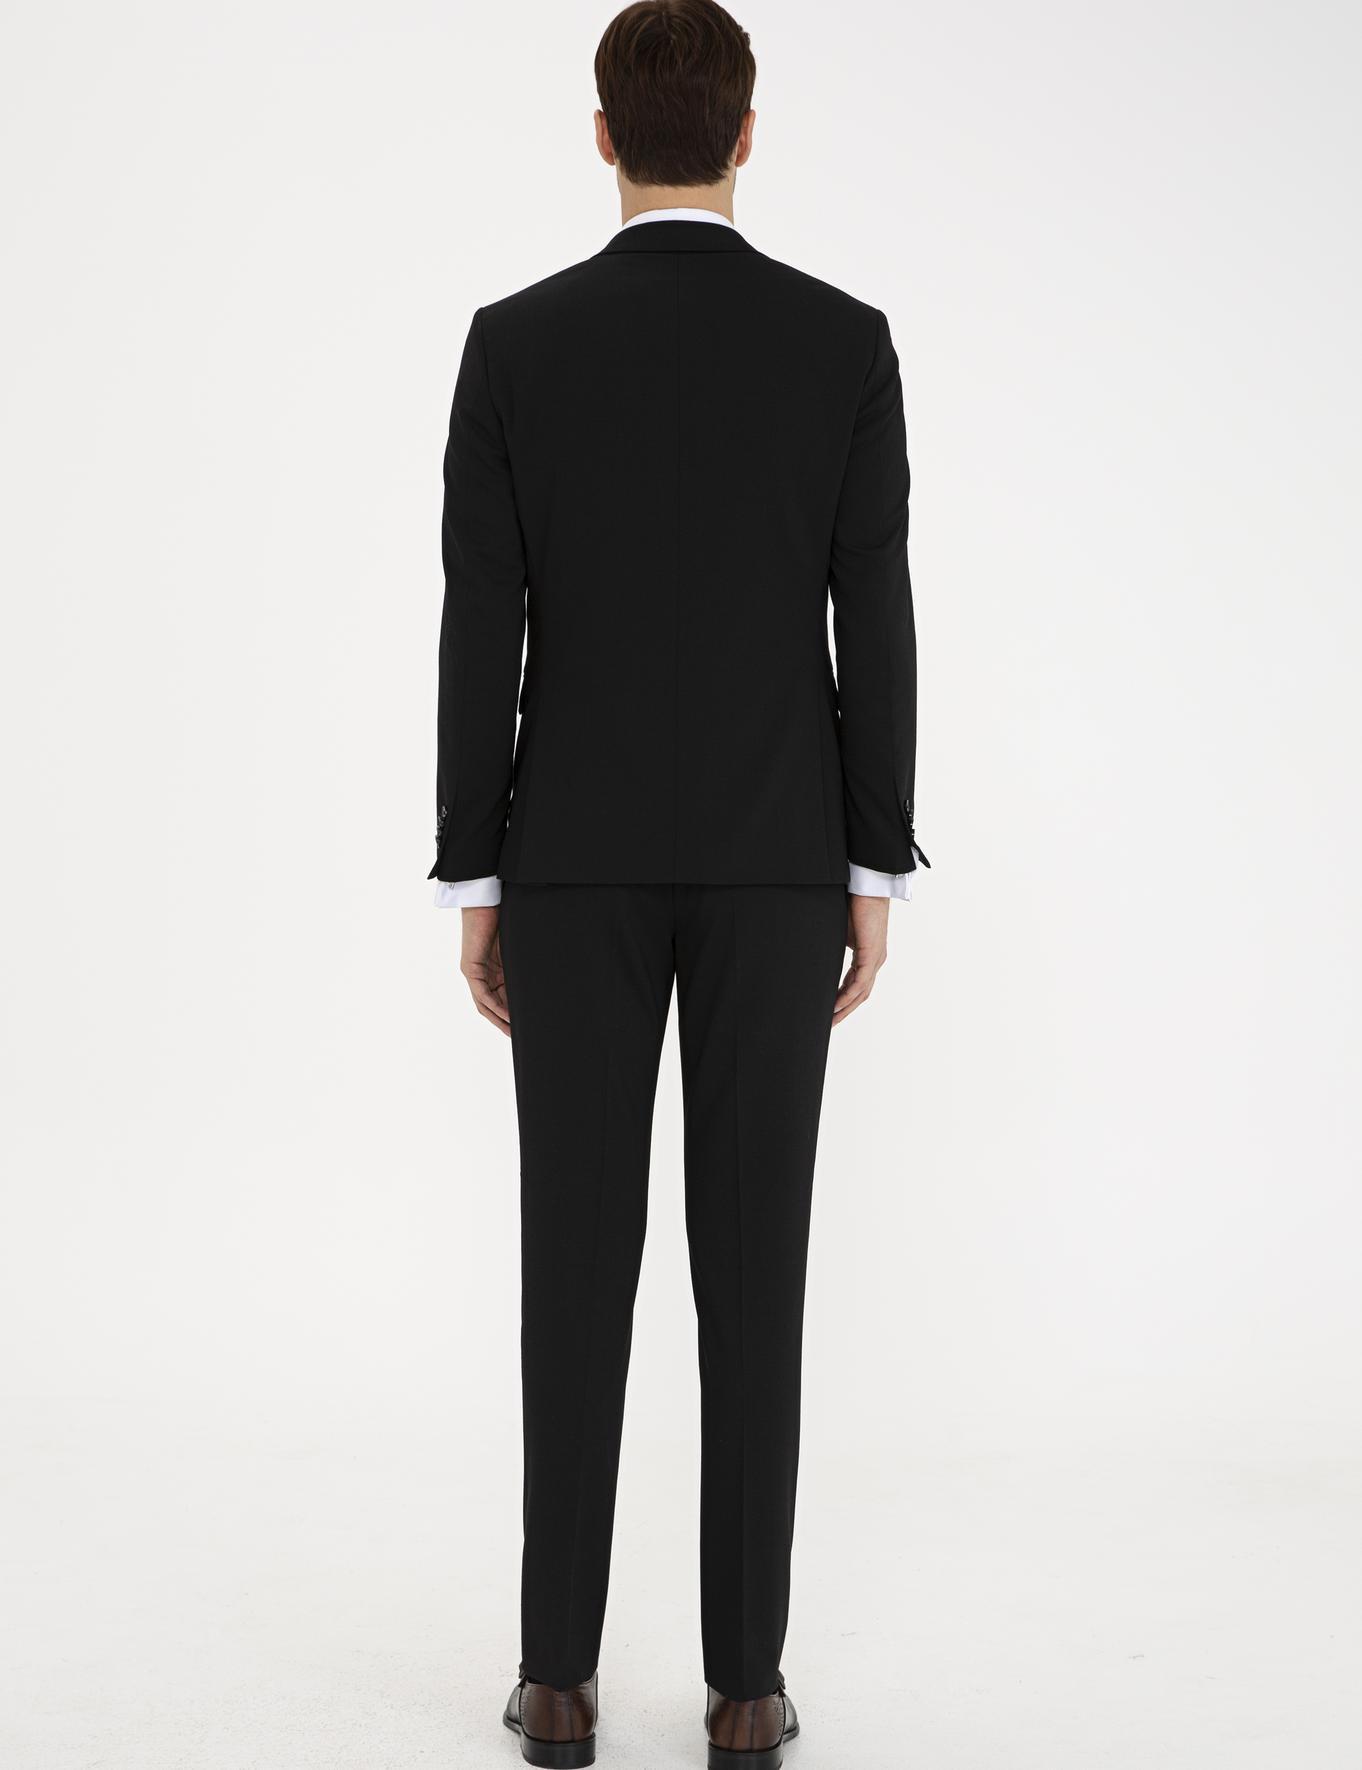 Siyah Ex. Slim Fit Takım Elbise - 50232901050